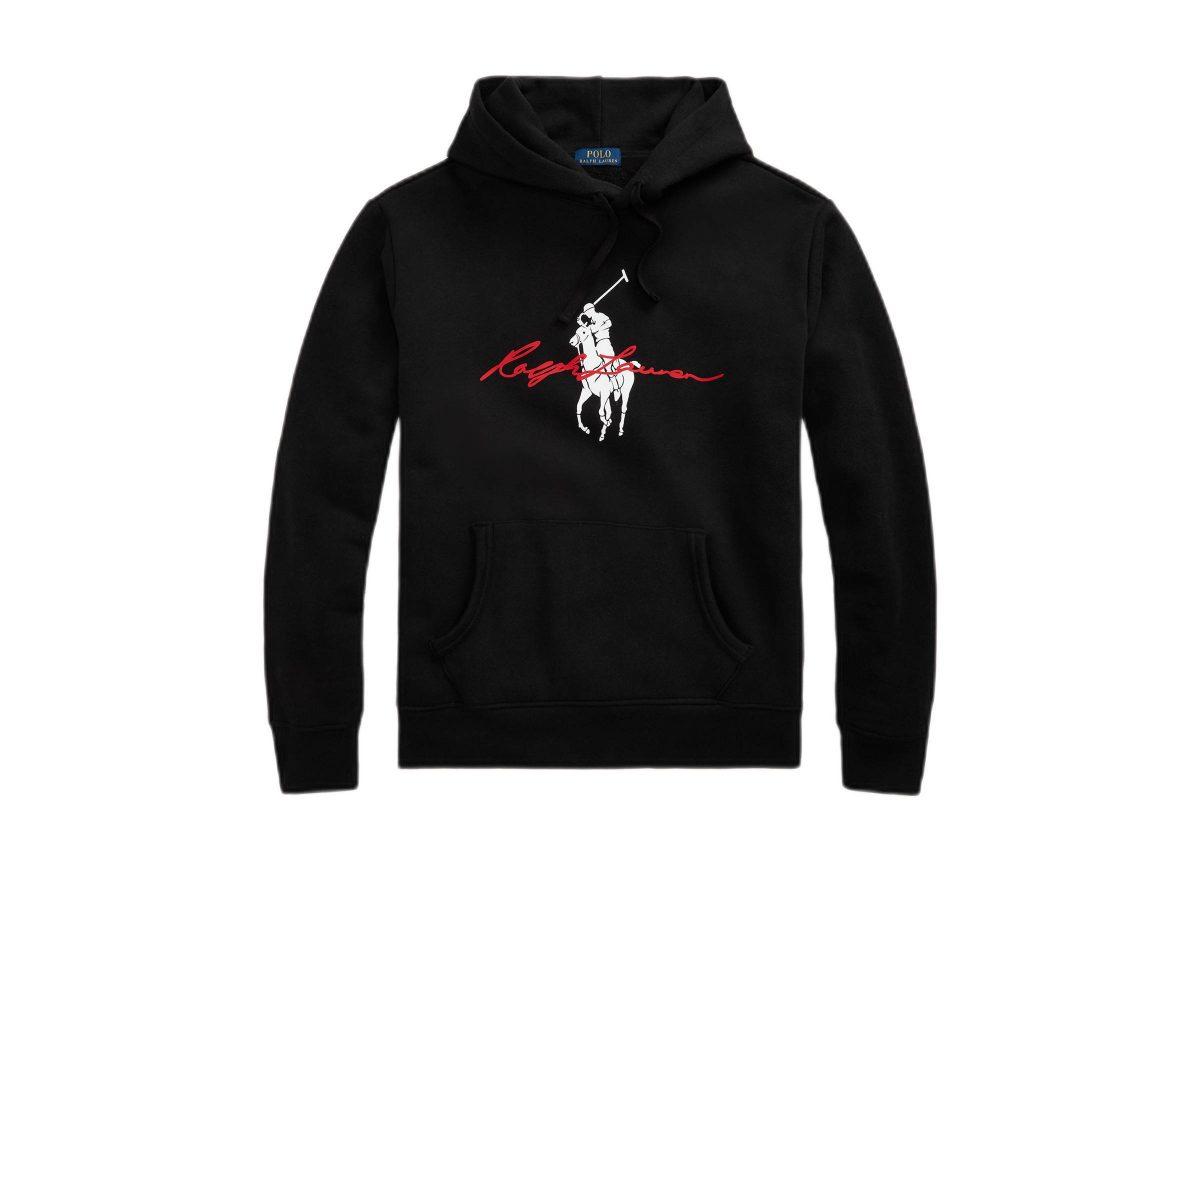 polo ralph lauren hoodie met logo zwart zwart 3616531202591 3